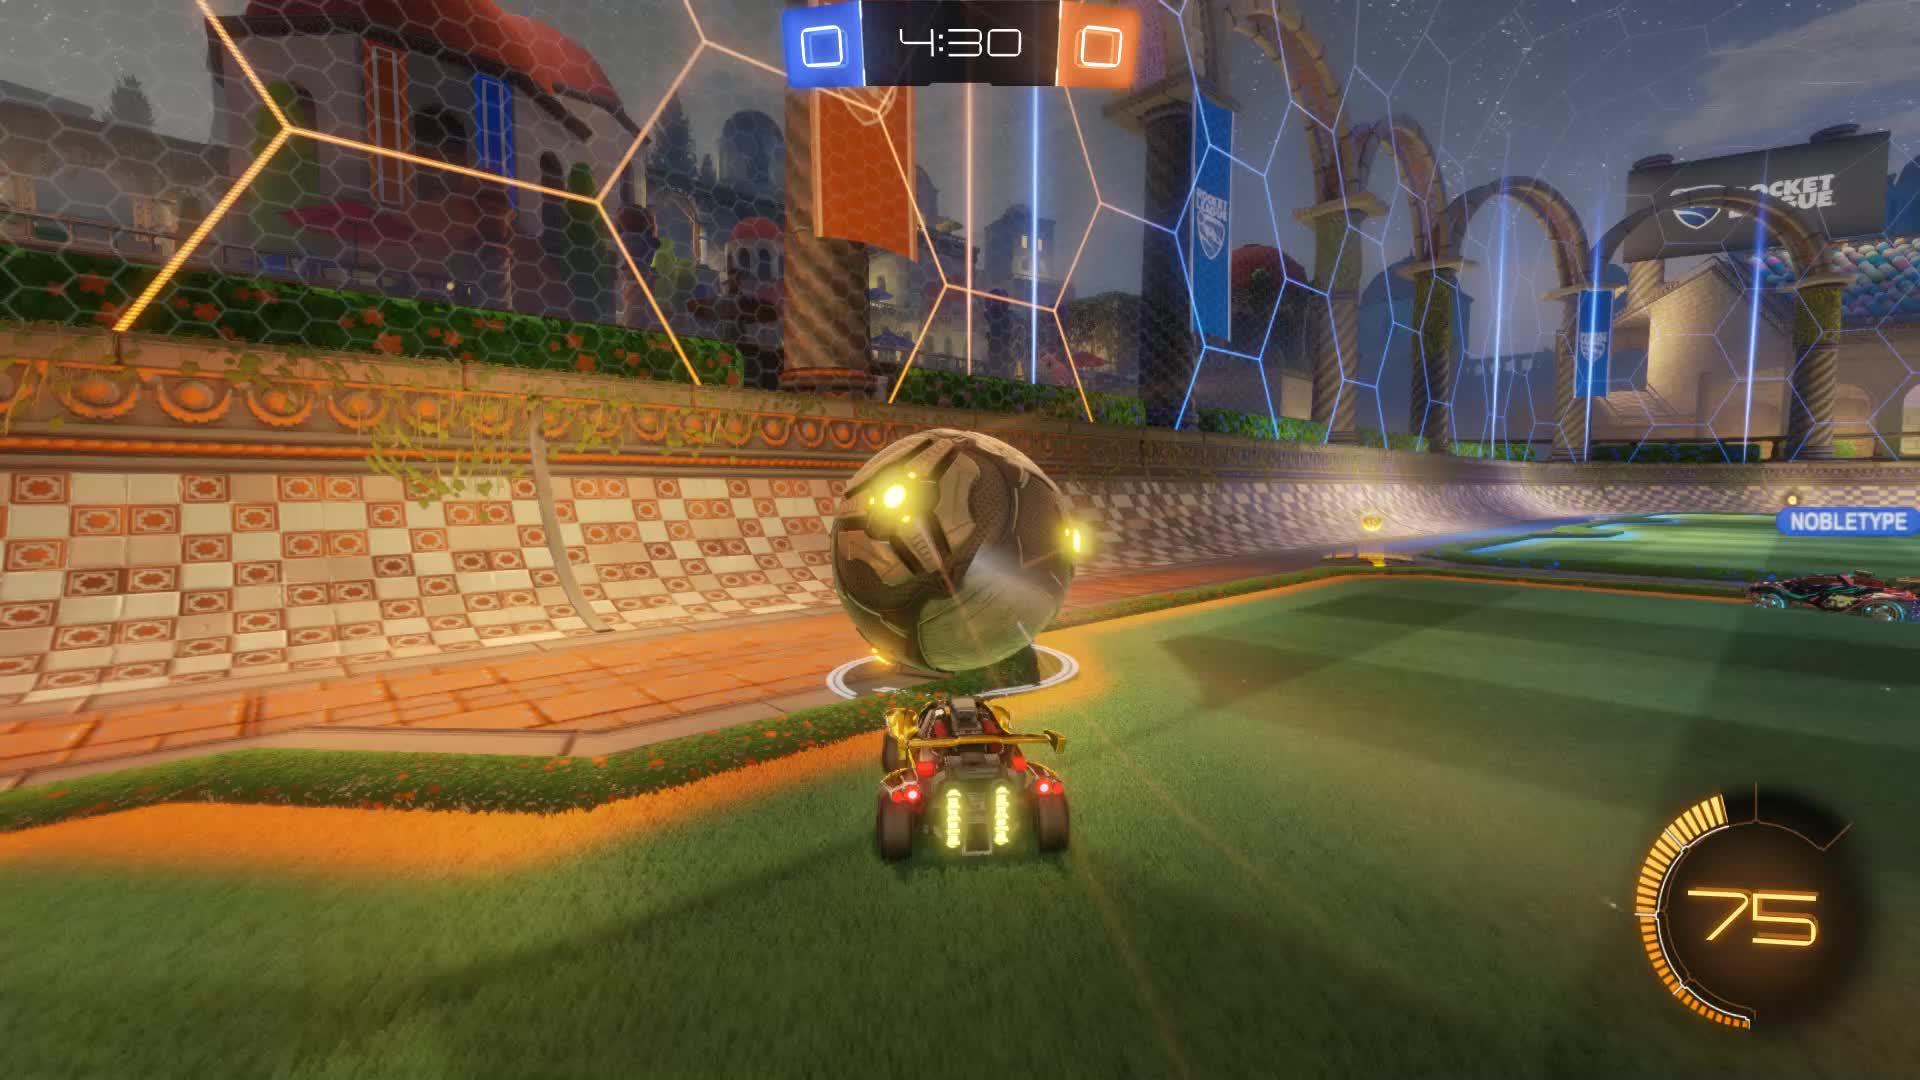 Bad Panda, BadPanda, Rocket League, RocketLeague, Goal 1: Zylo VFX GIFs